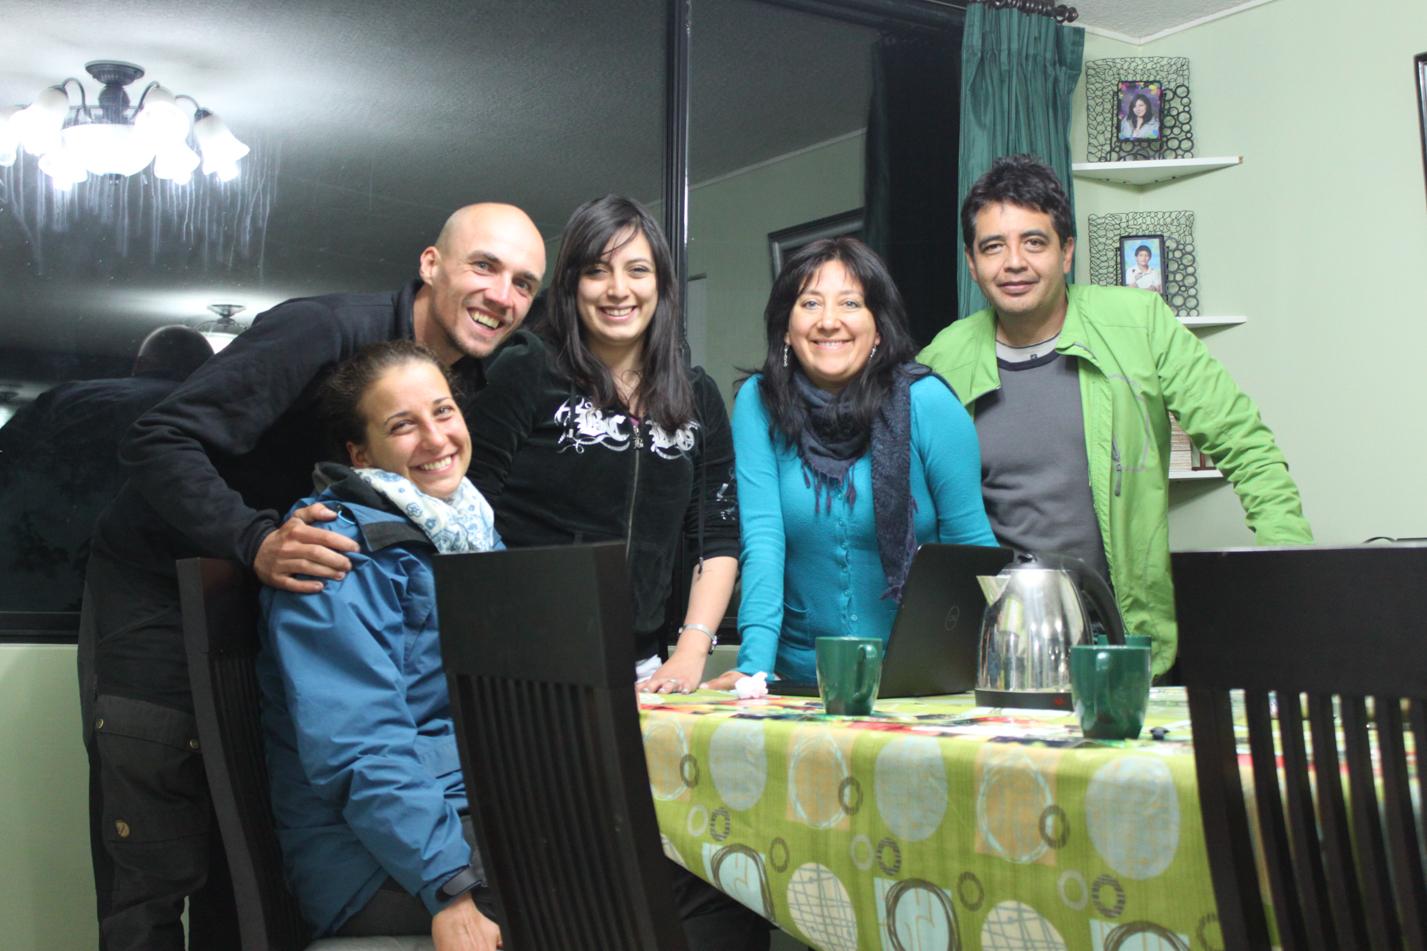 Danke an Javier und Familie für die Übernachtung, das tolle Essen und die tollen Gespräche! Muchas gracias para todos amigos!